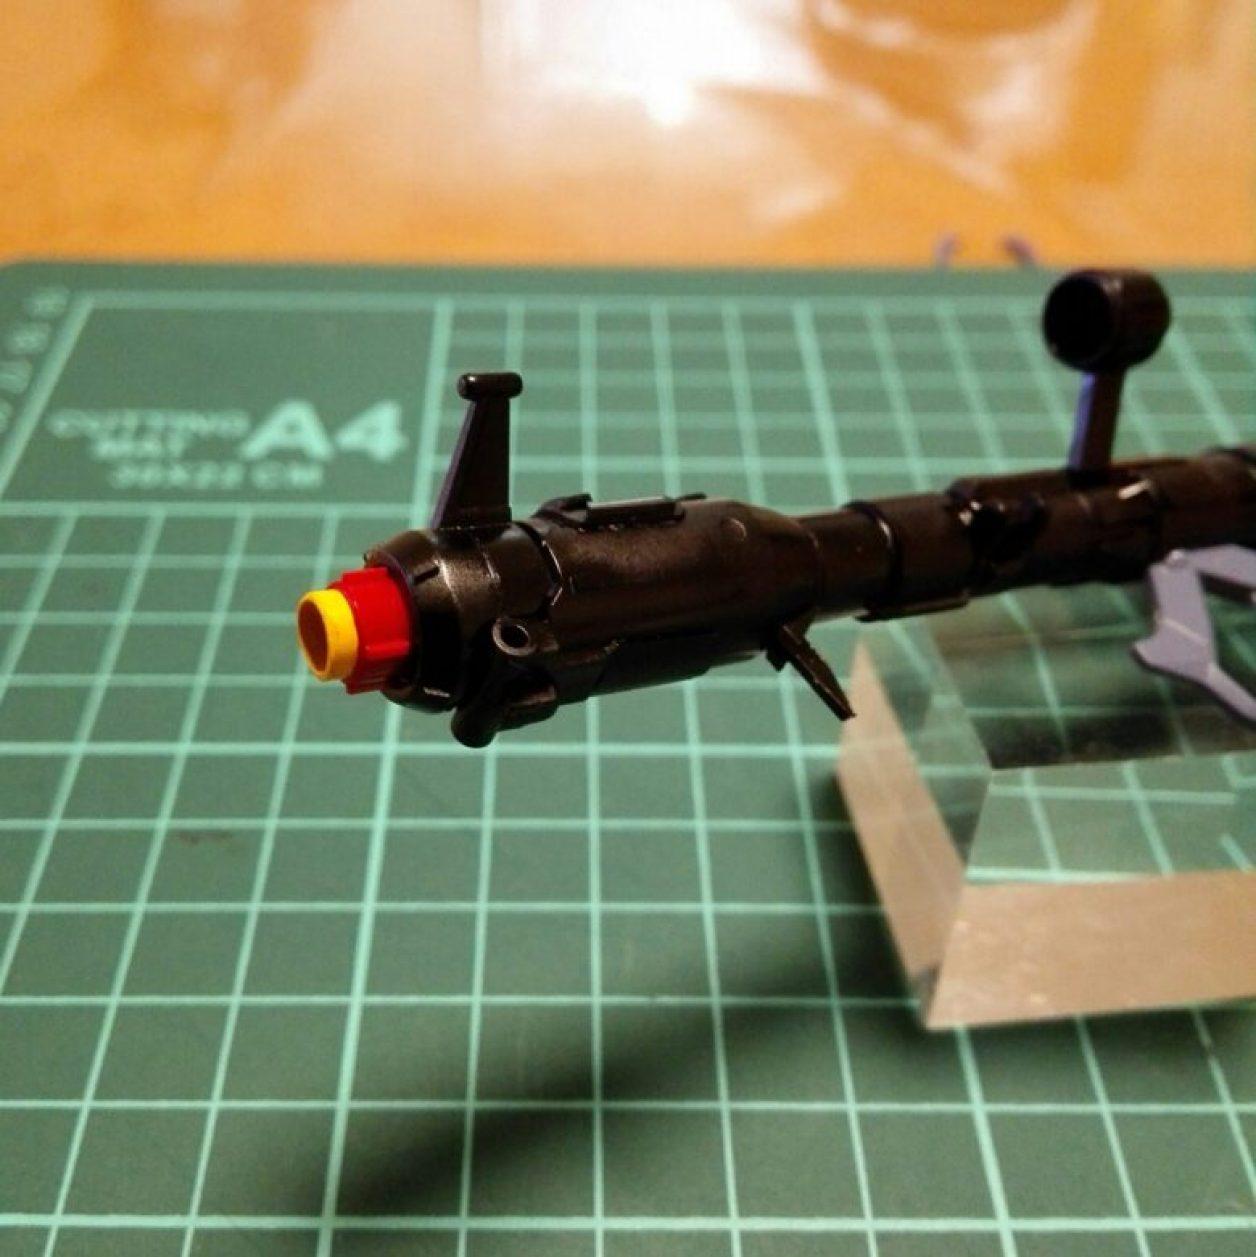 ガンダムマーカーエアブラシシステムで塗装したプラパイプでジャイアント・バズーカの砲口のディテールアップしている画像